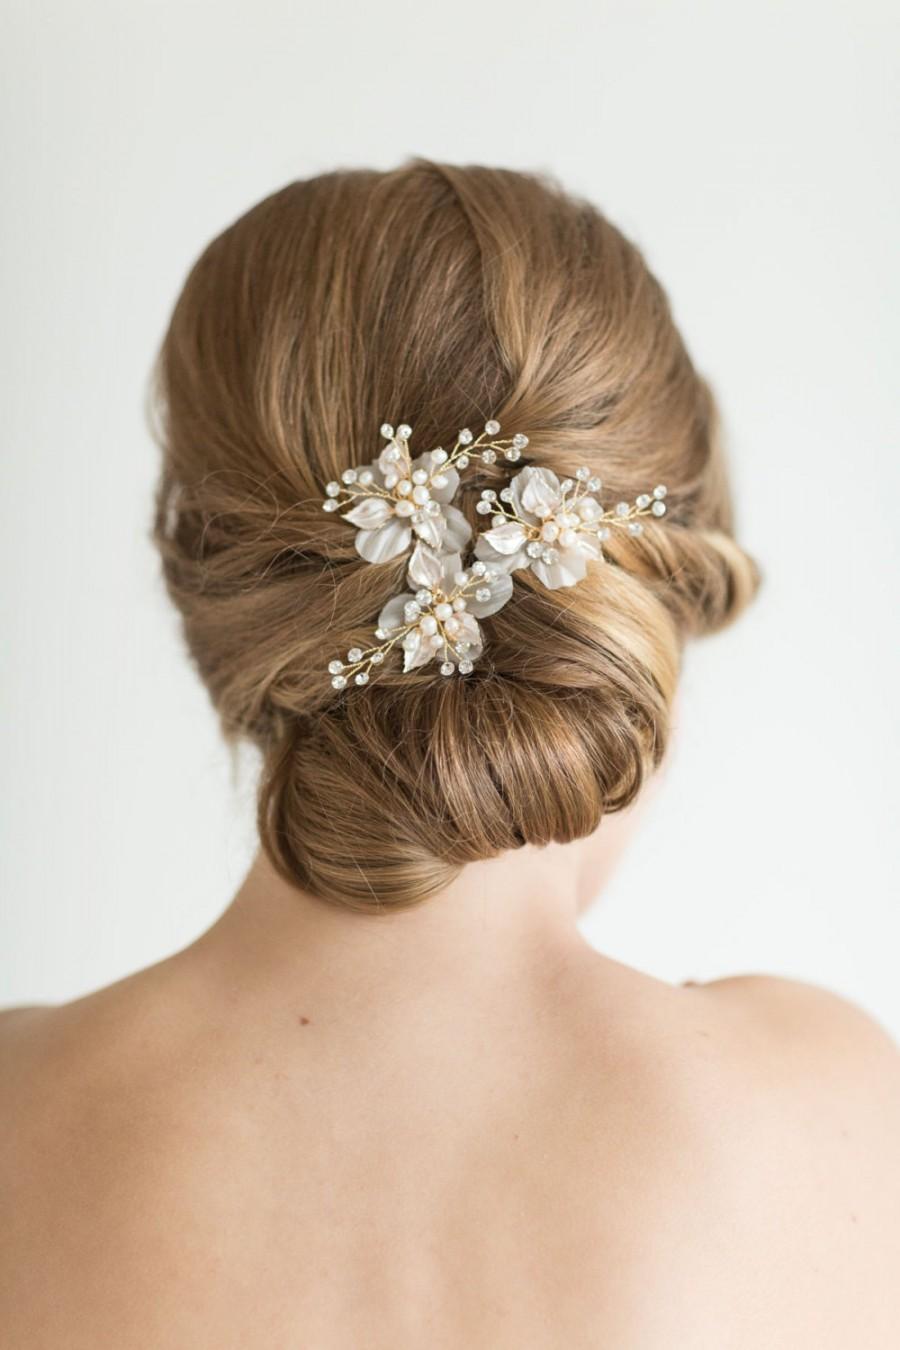 Mariage - Wedding Hair Pins, Bridal Hair Pins, Pearl Hair Pins